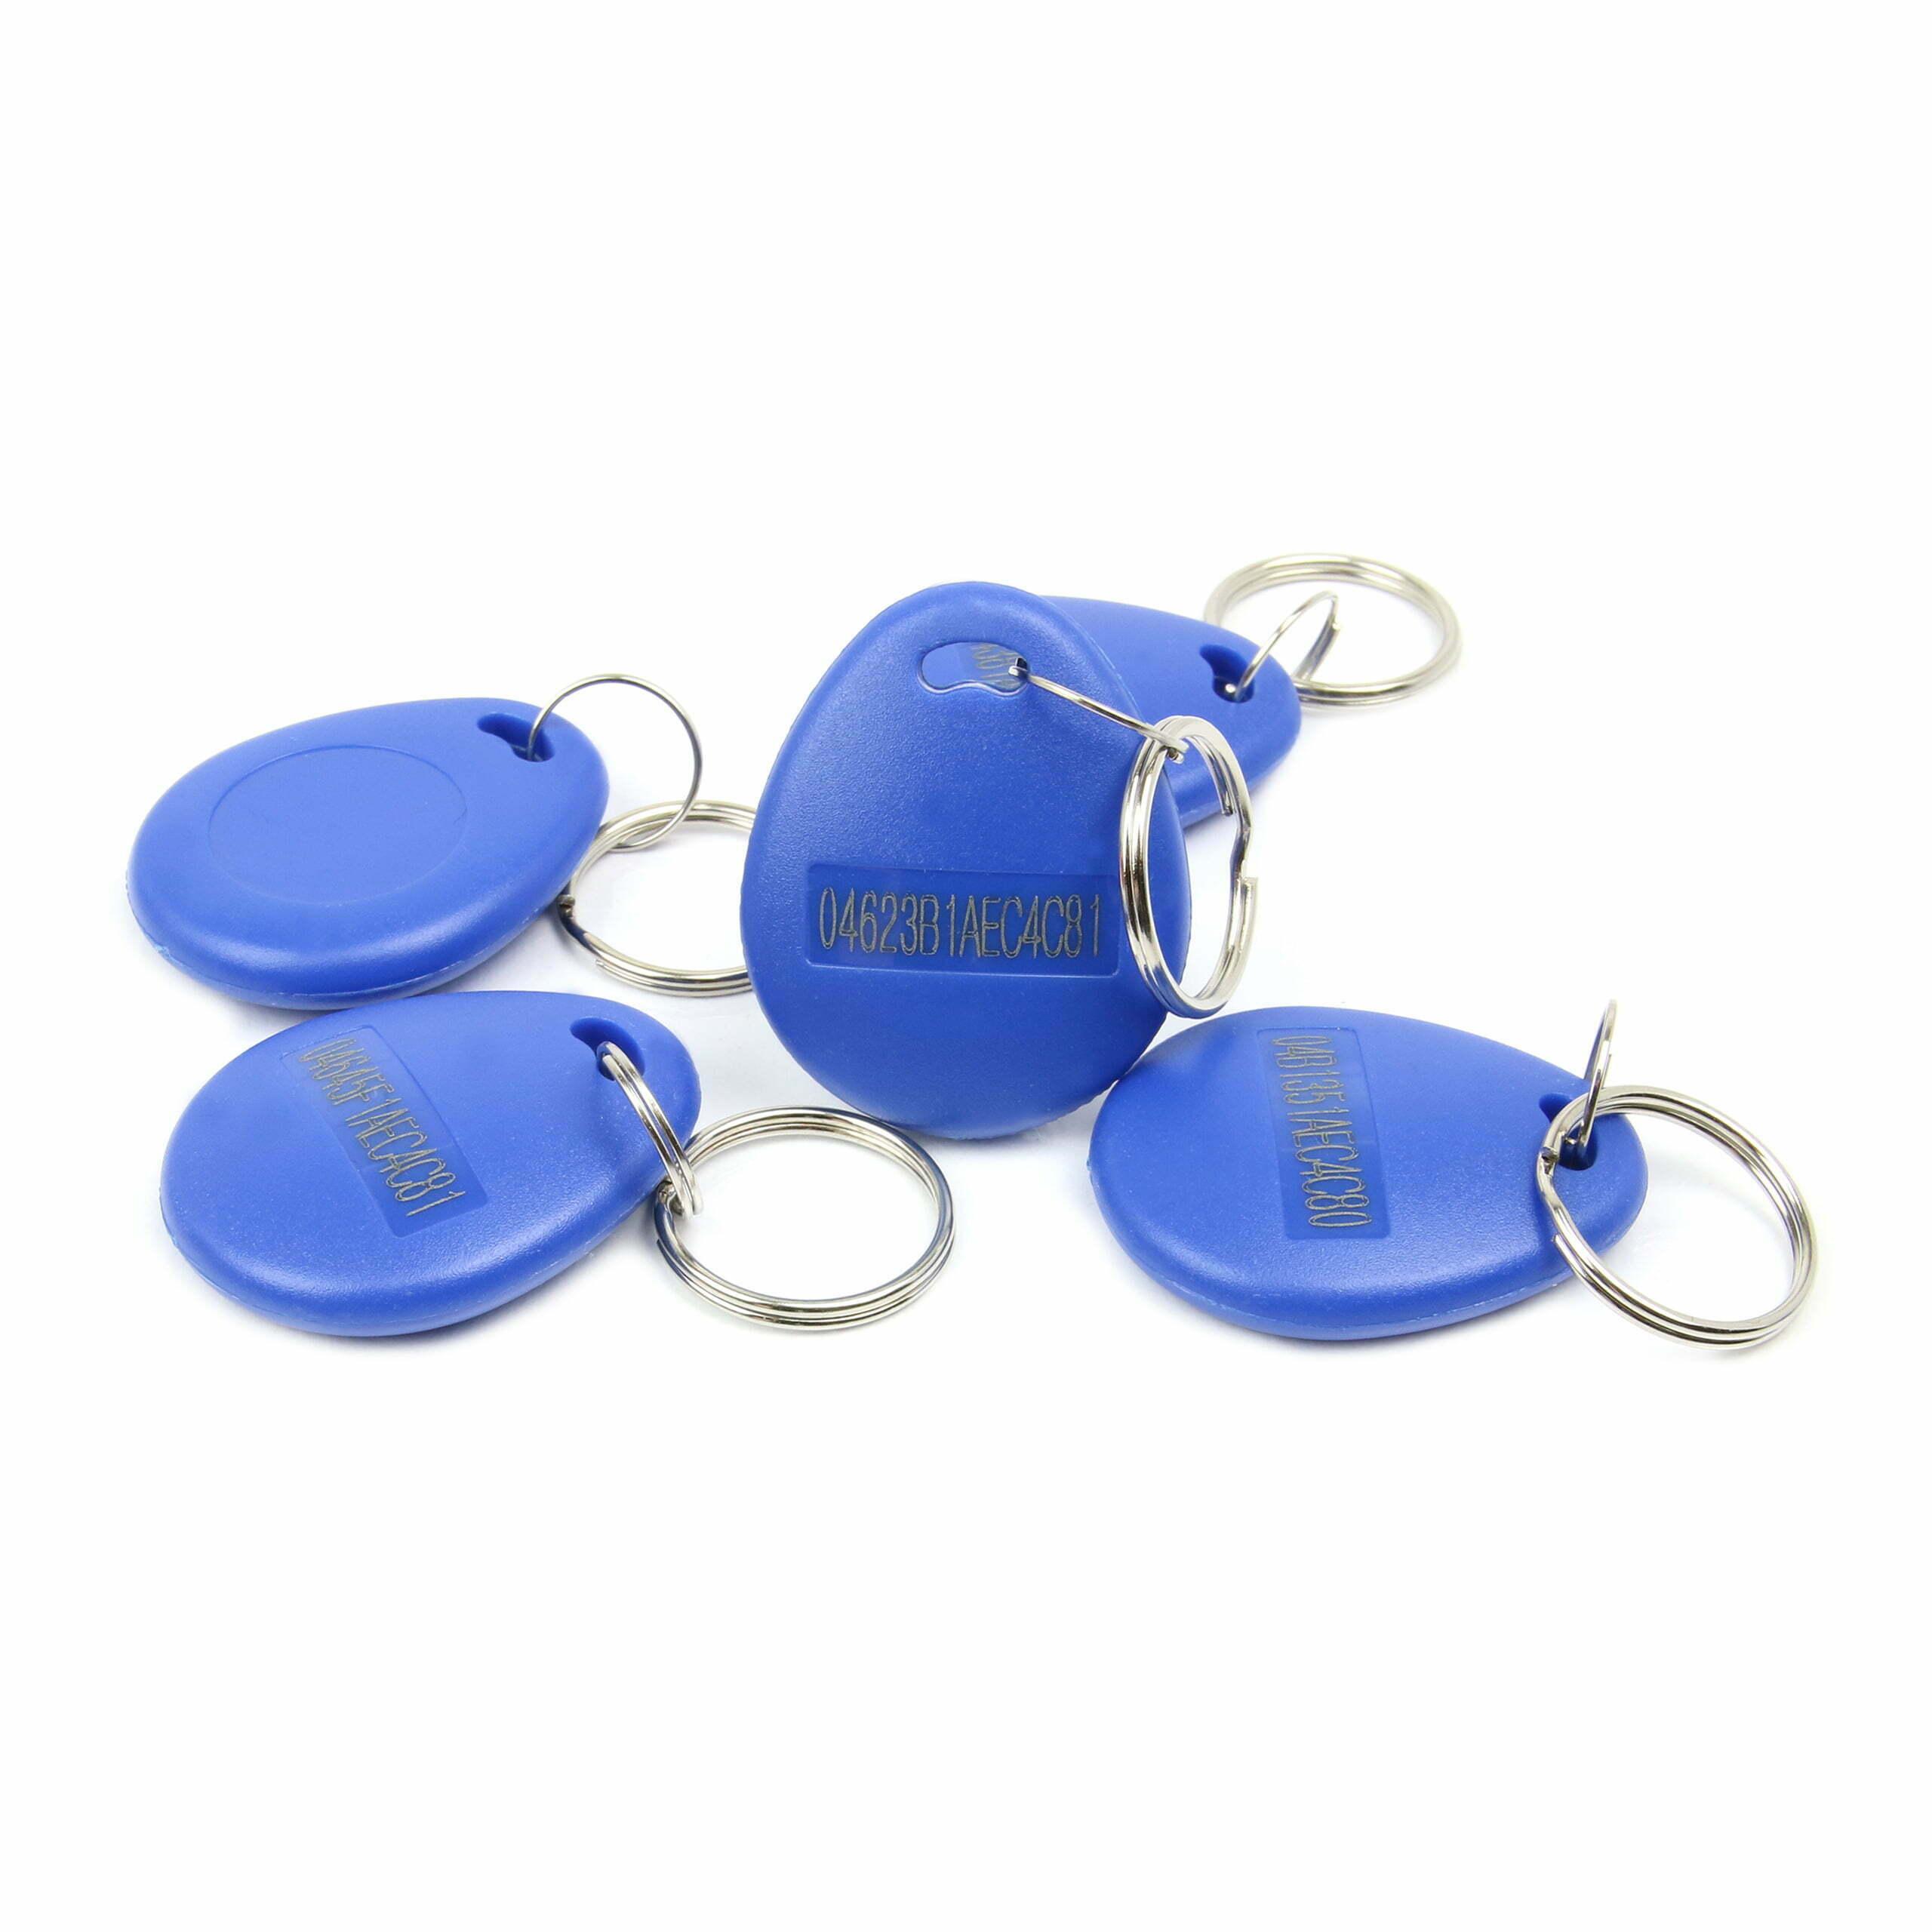 NFC Keyfob, Abs, UID-Print, 37x30mm, am meisten 213, 180 Byte